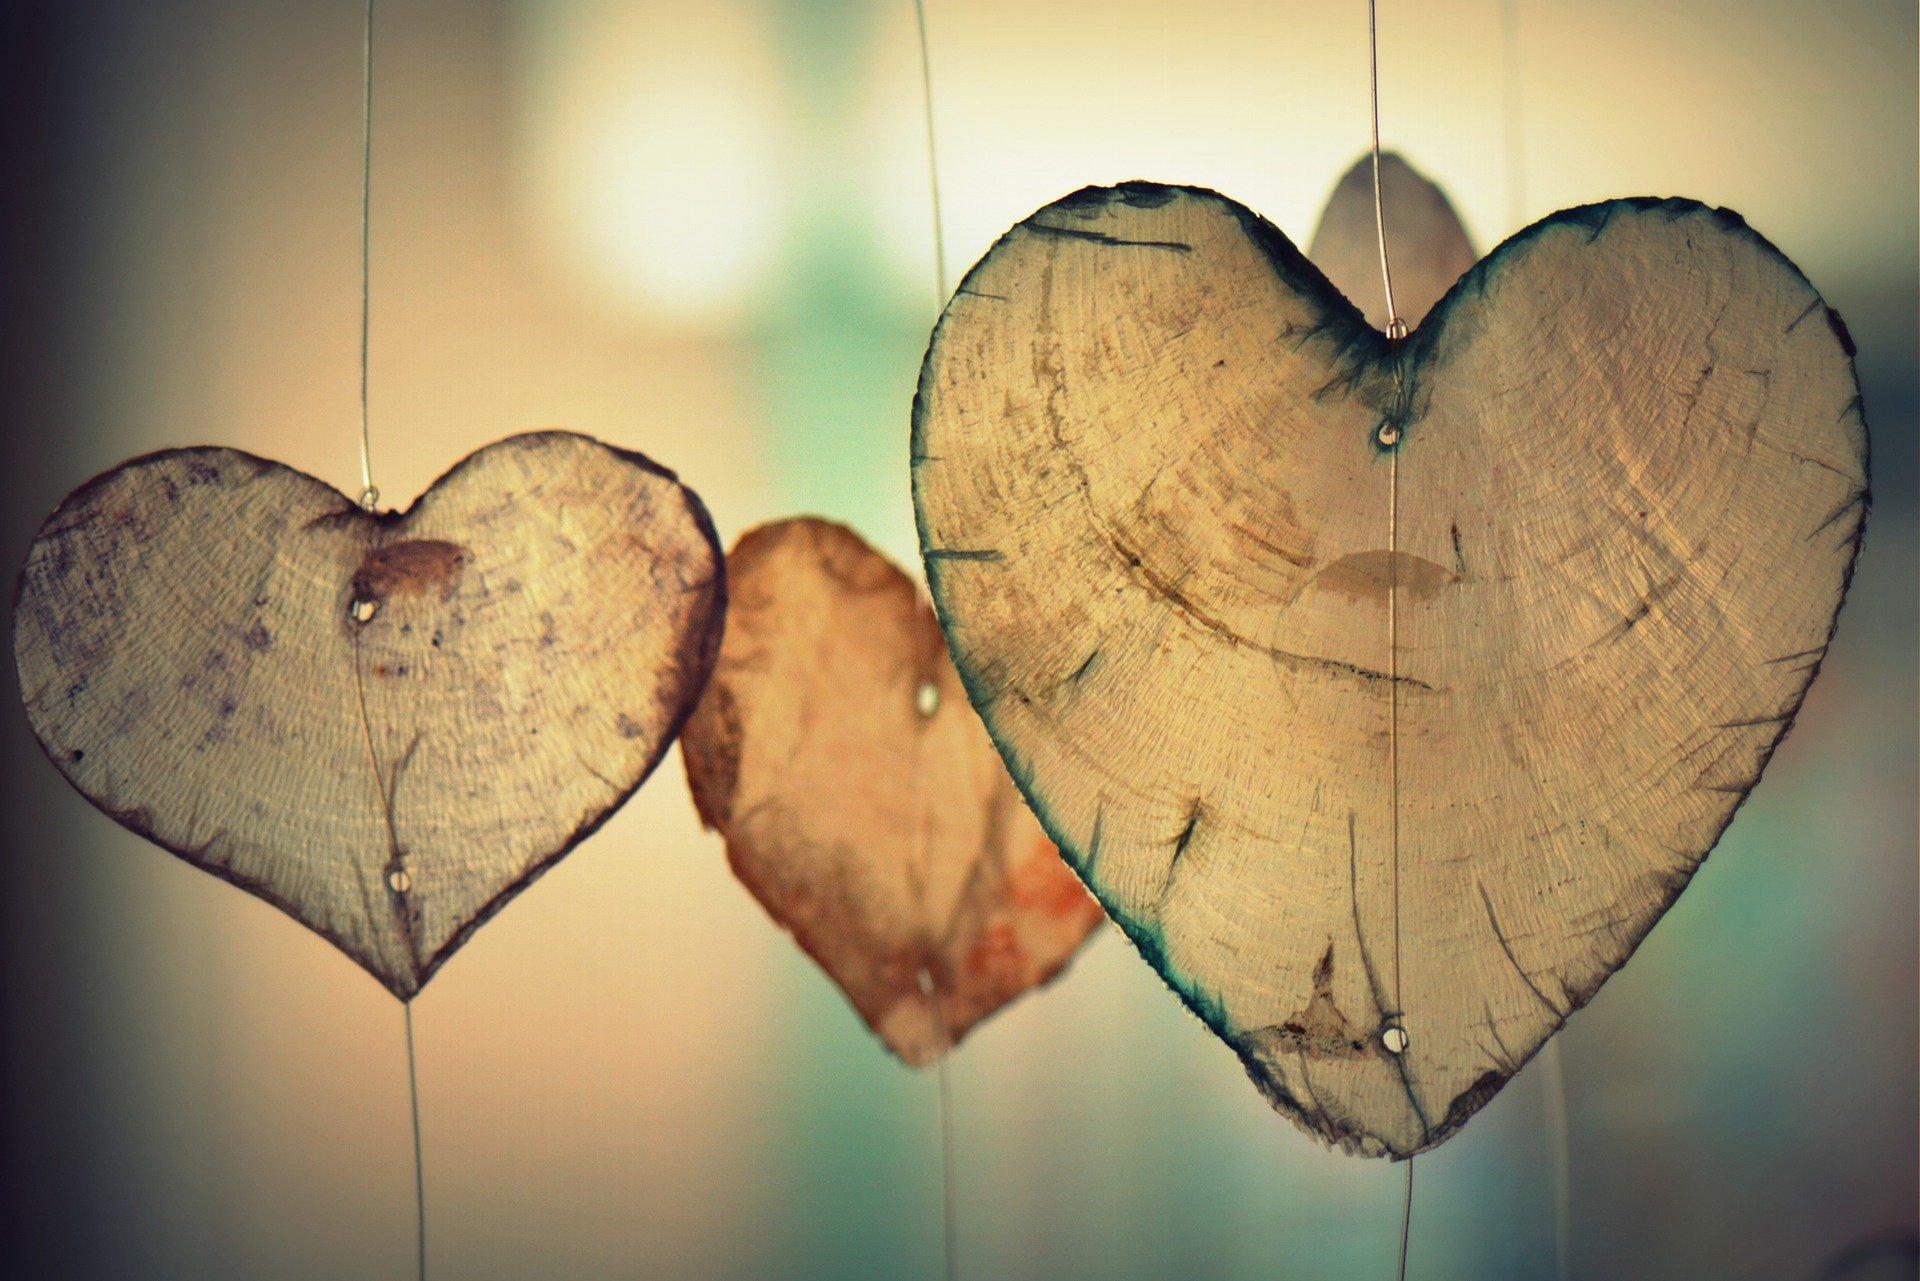 واقف نہیں جو عشق و محبت کے نام سے